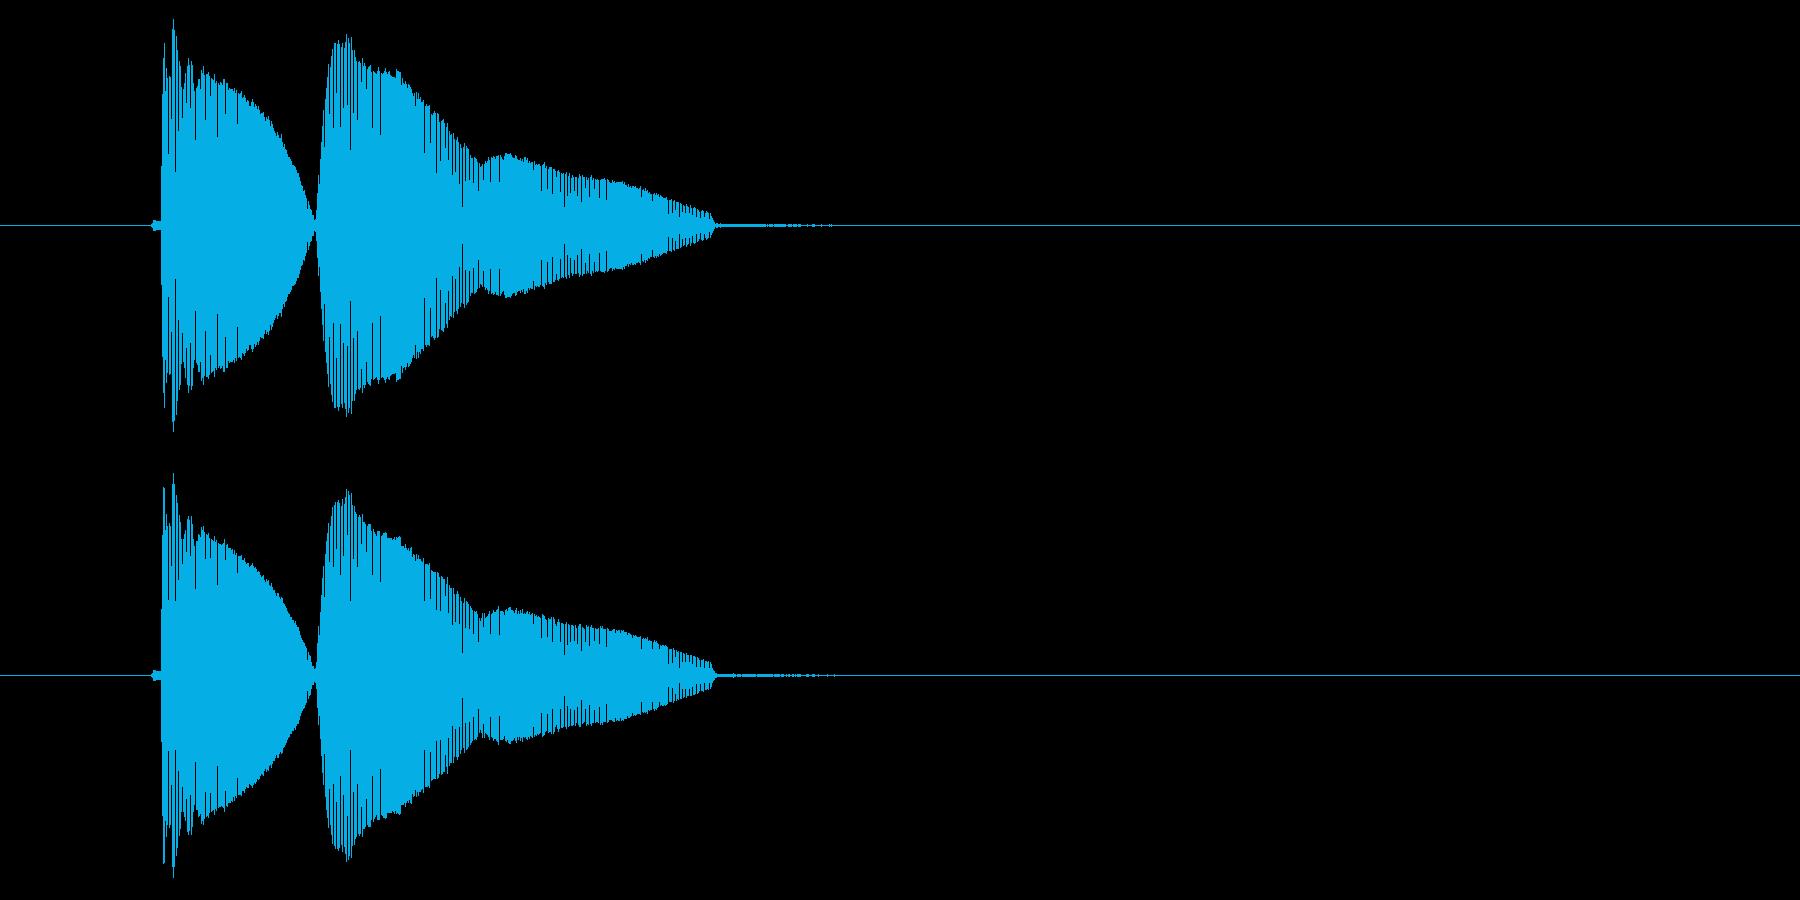 プゥィプゥィーン(ドジな失敗)の再生済みの波形